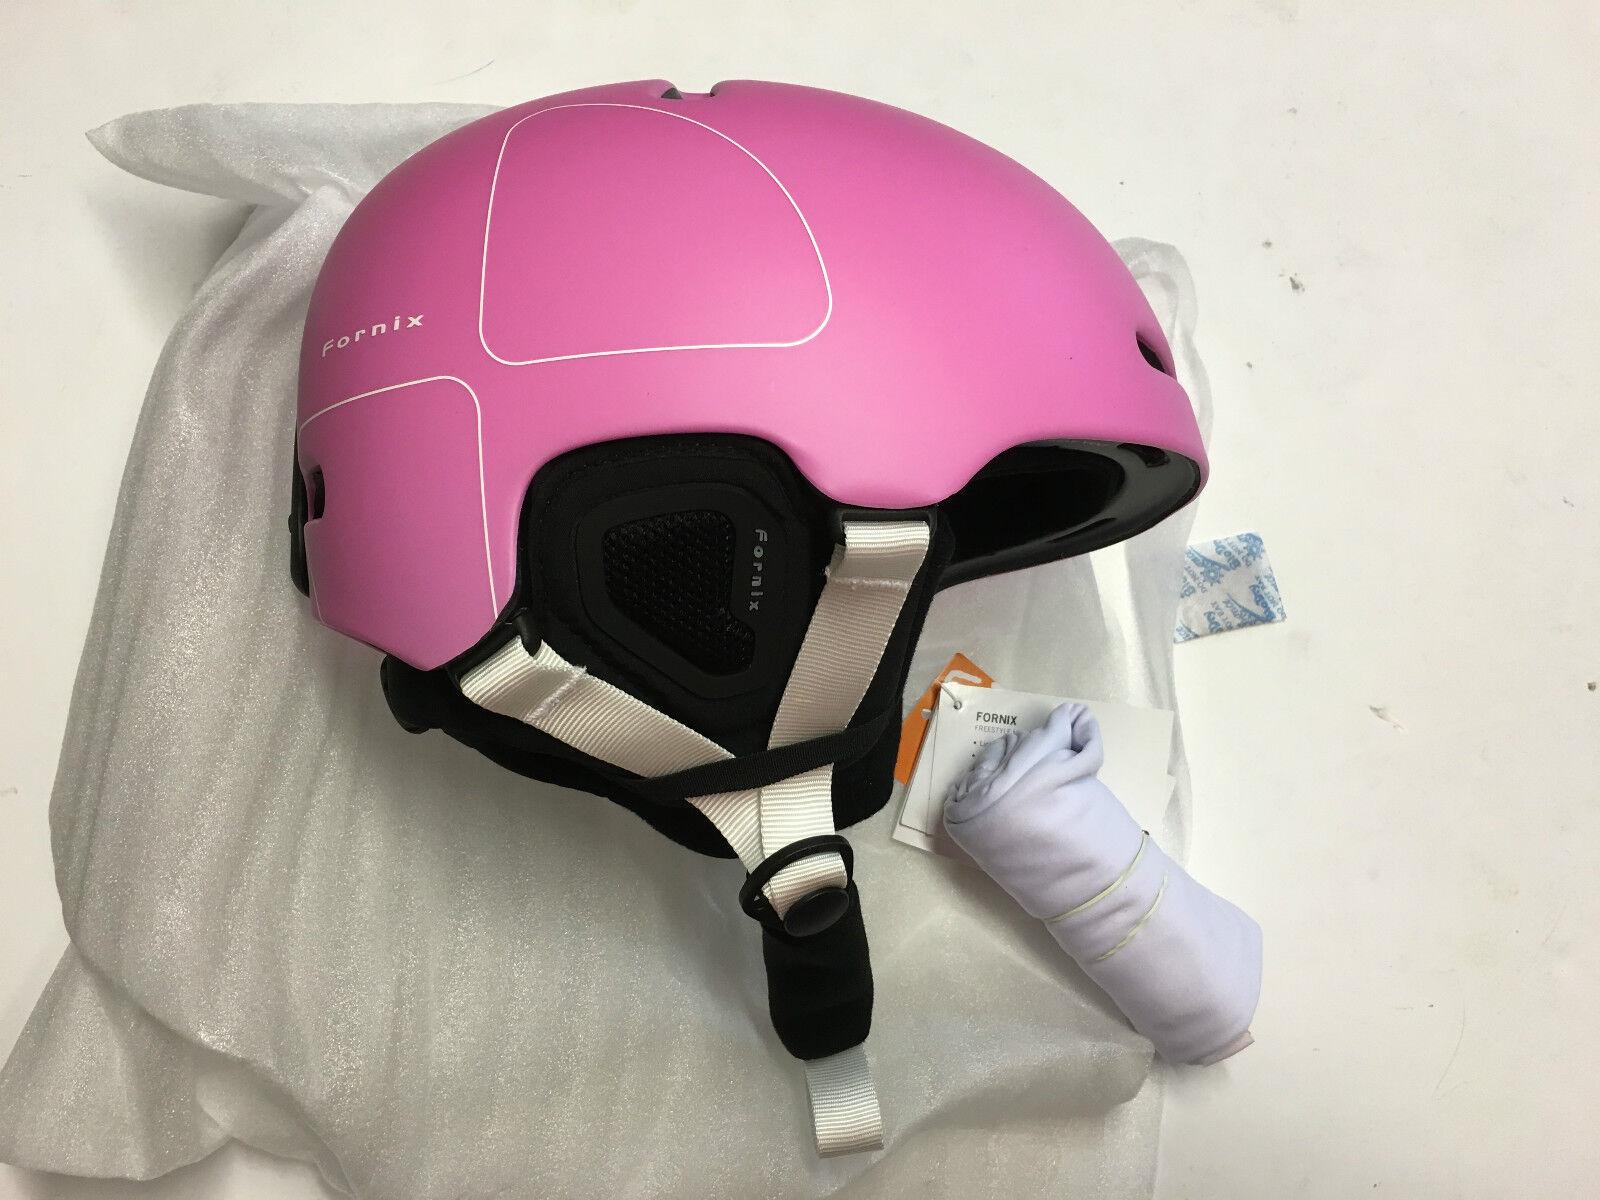 POC Fornix Snowboard Ski Helmet, Actinium Pink, X-Small-Small, 51-54cm, New